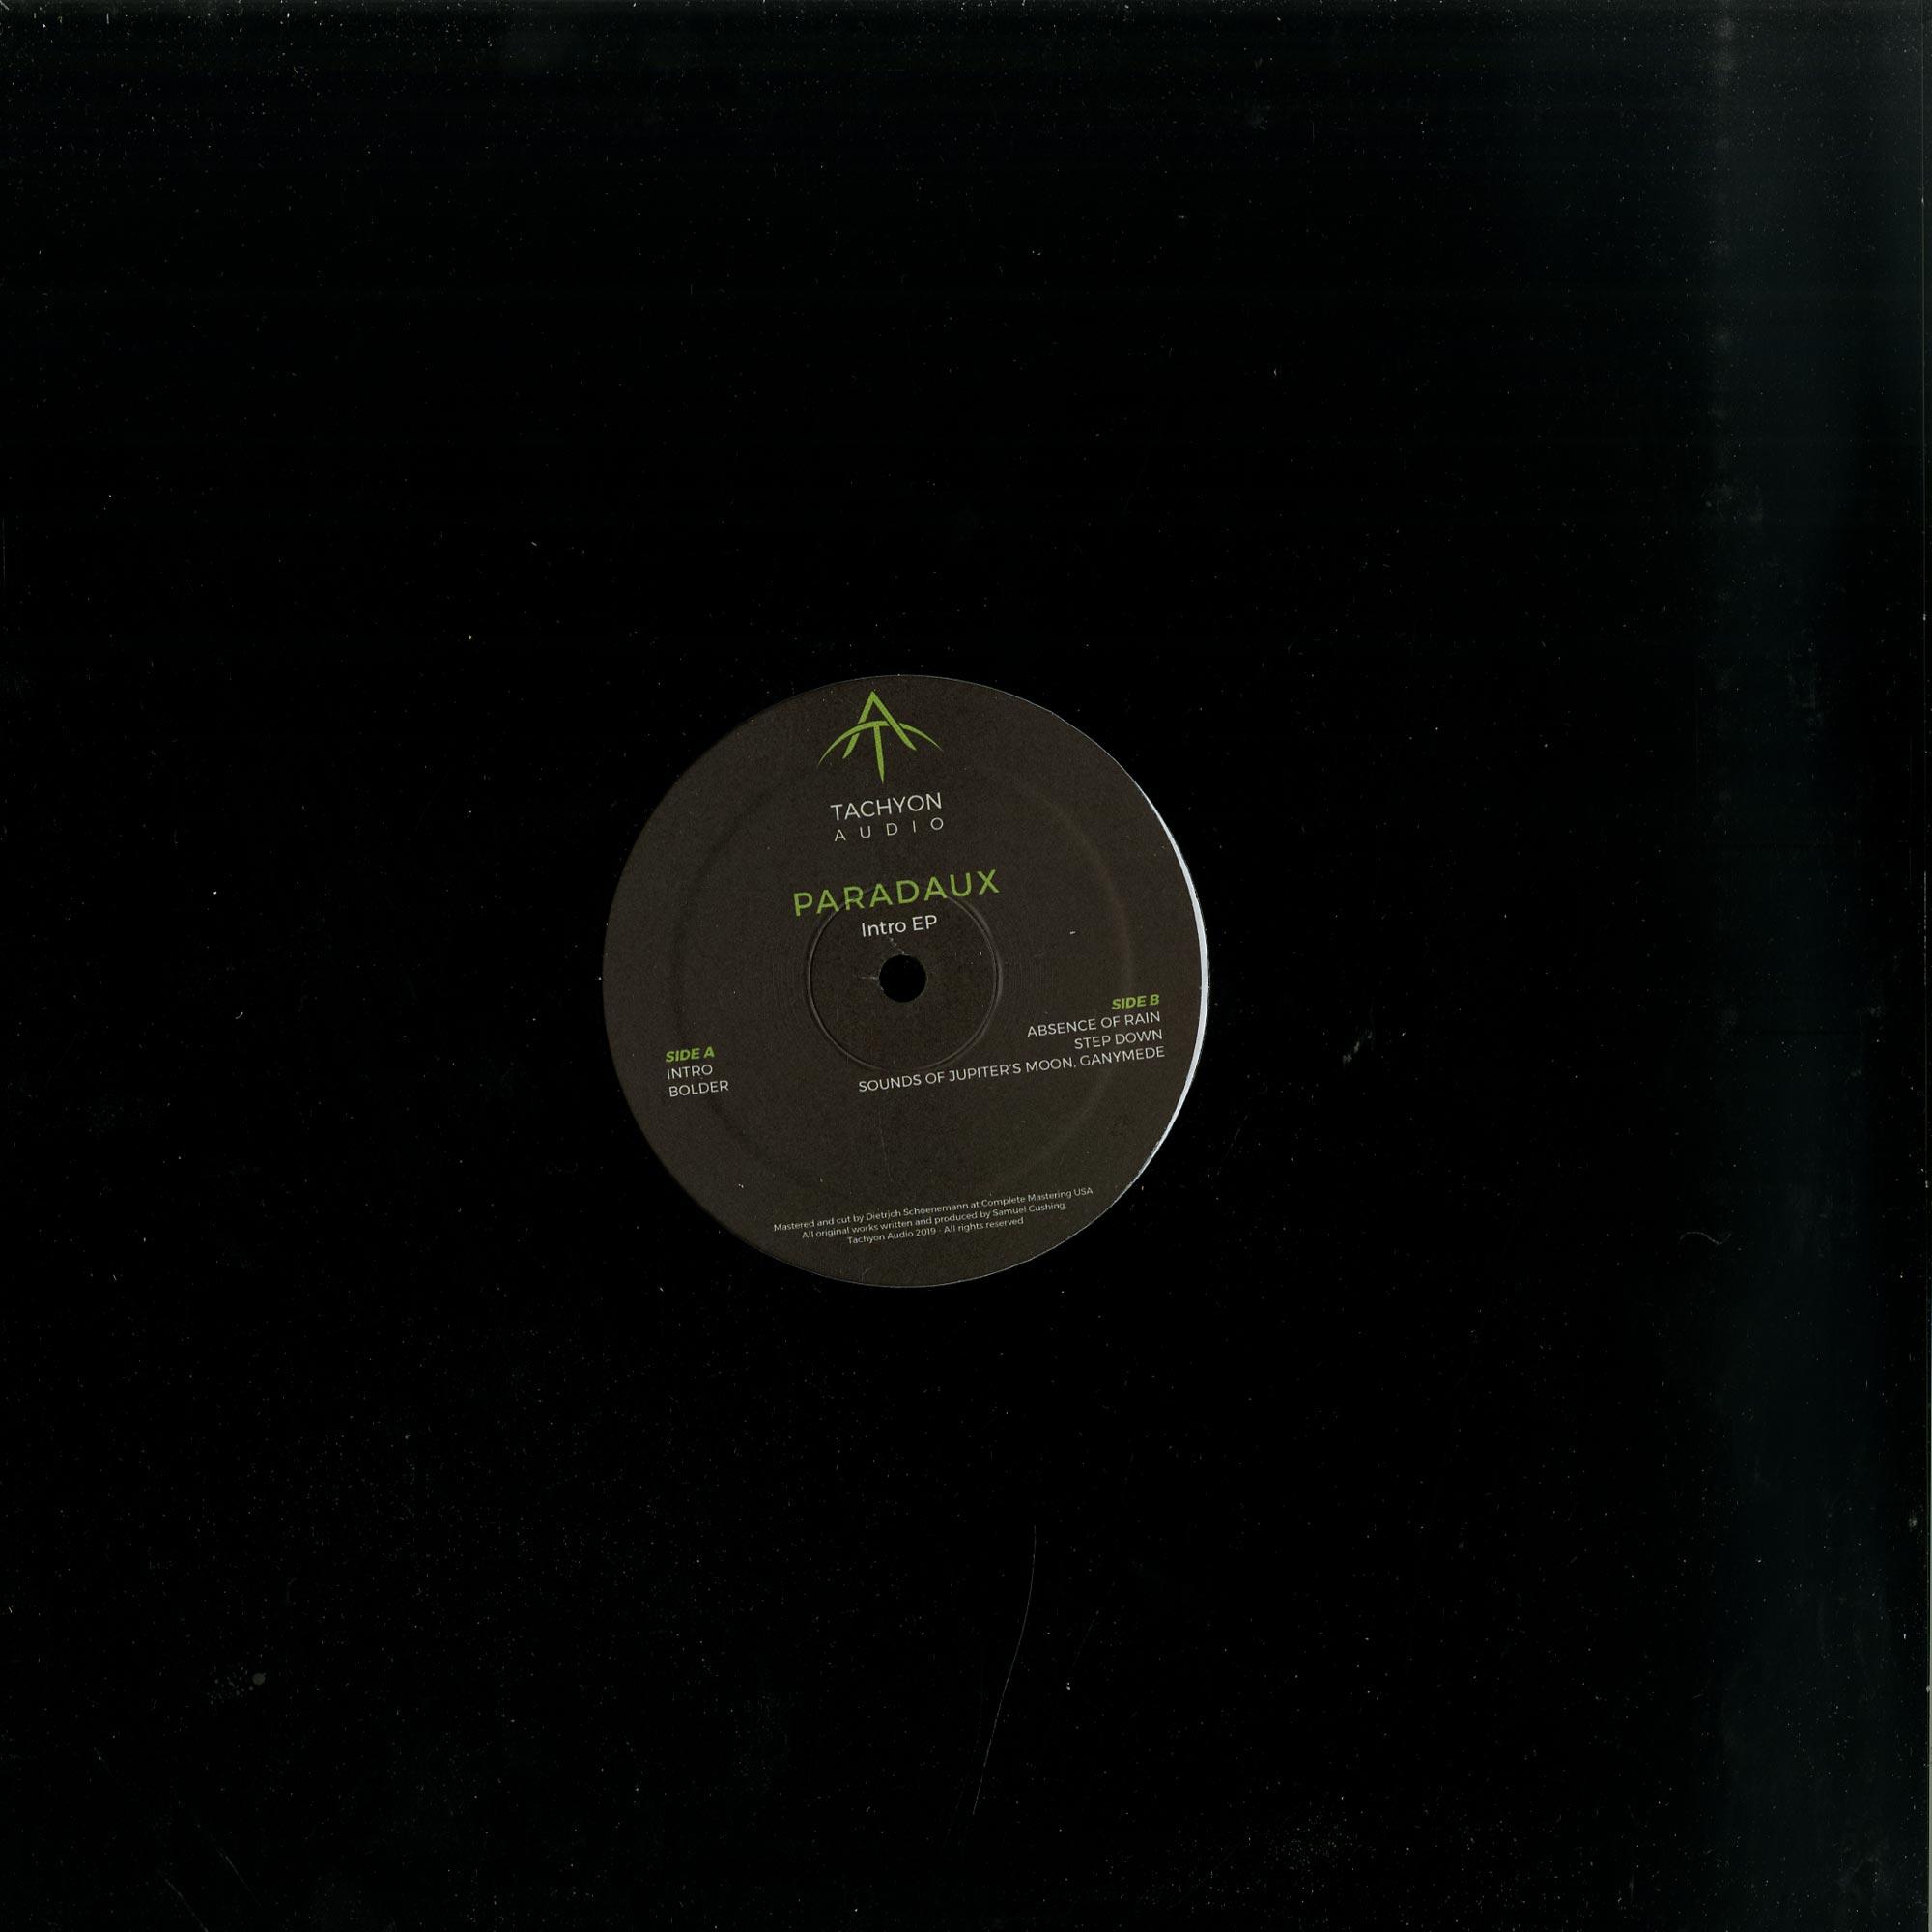 Paradaux - INTRO EP